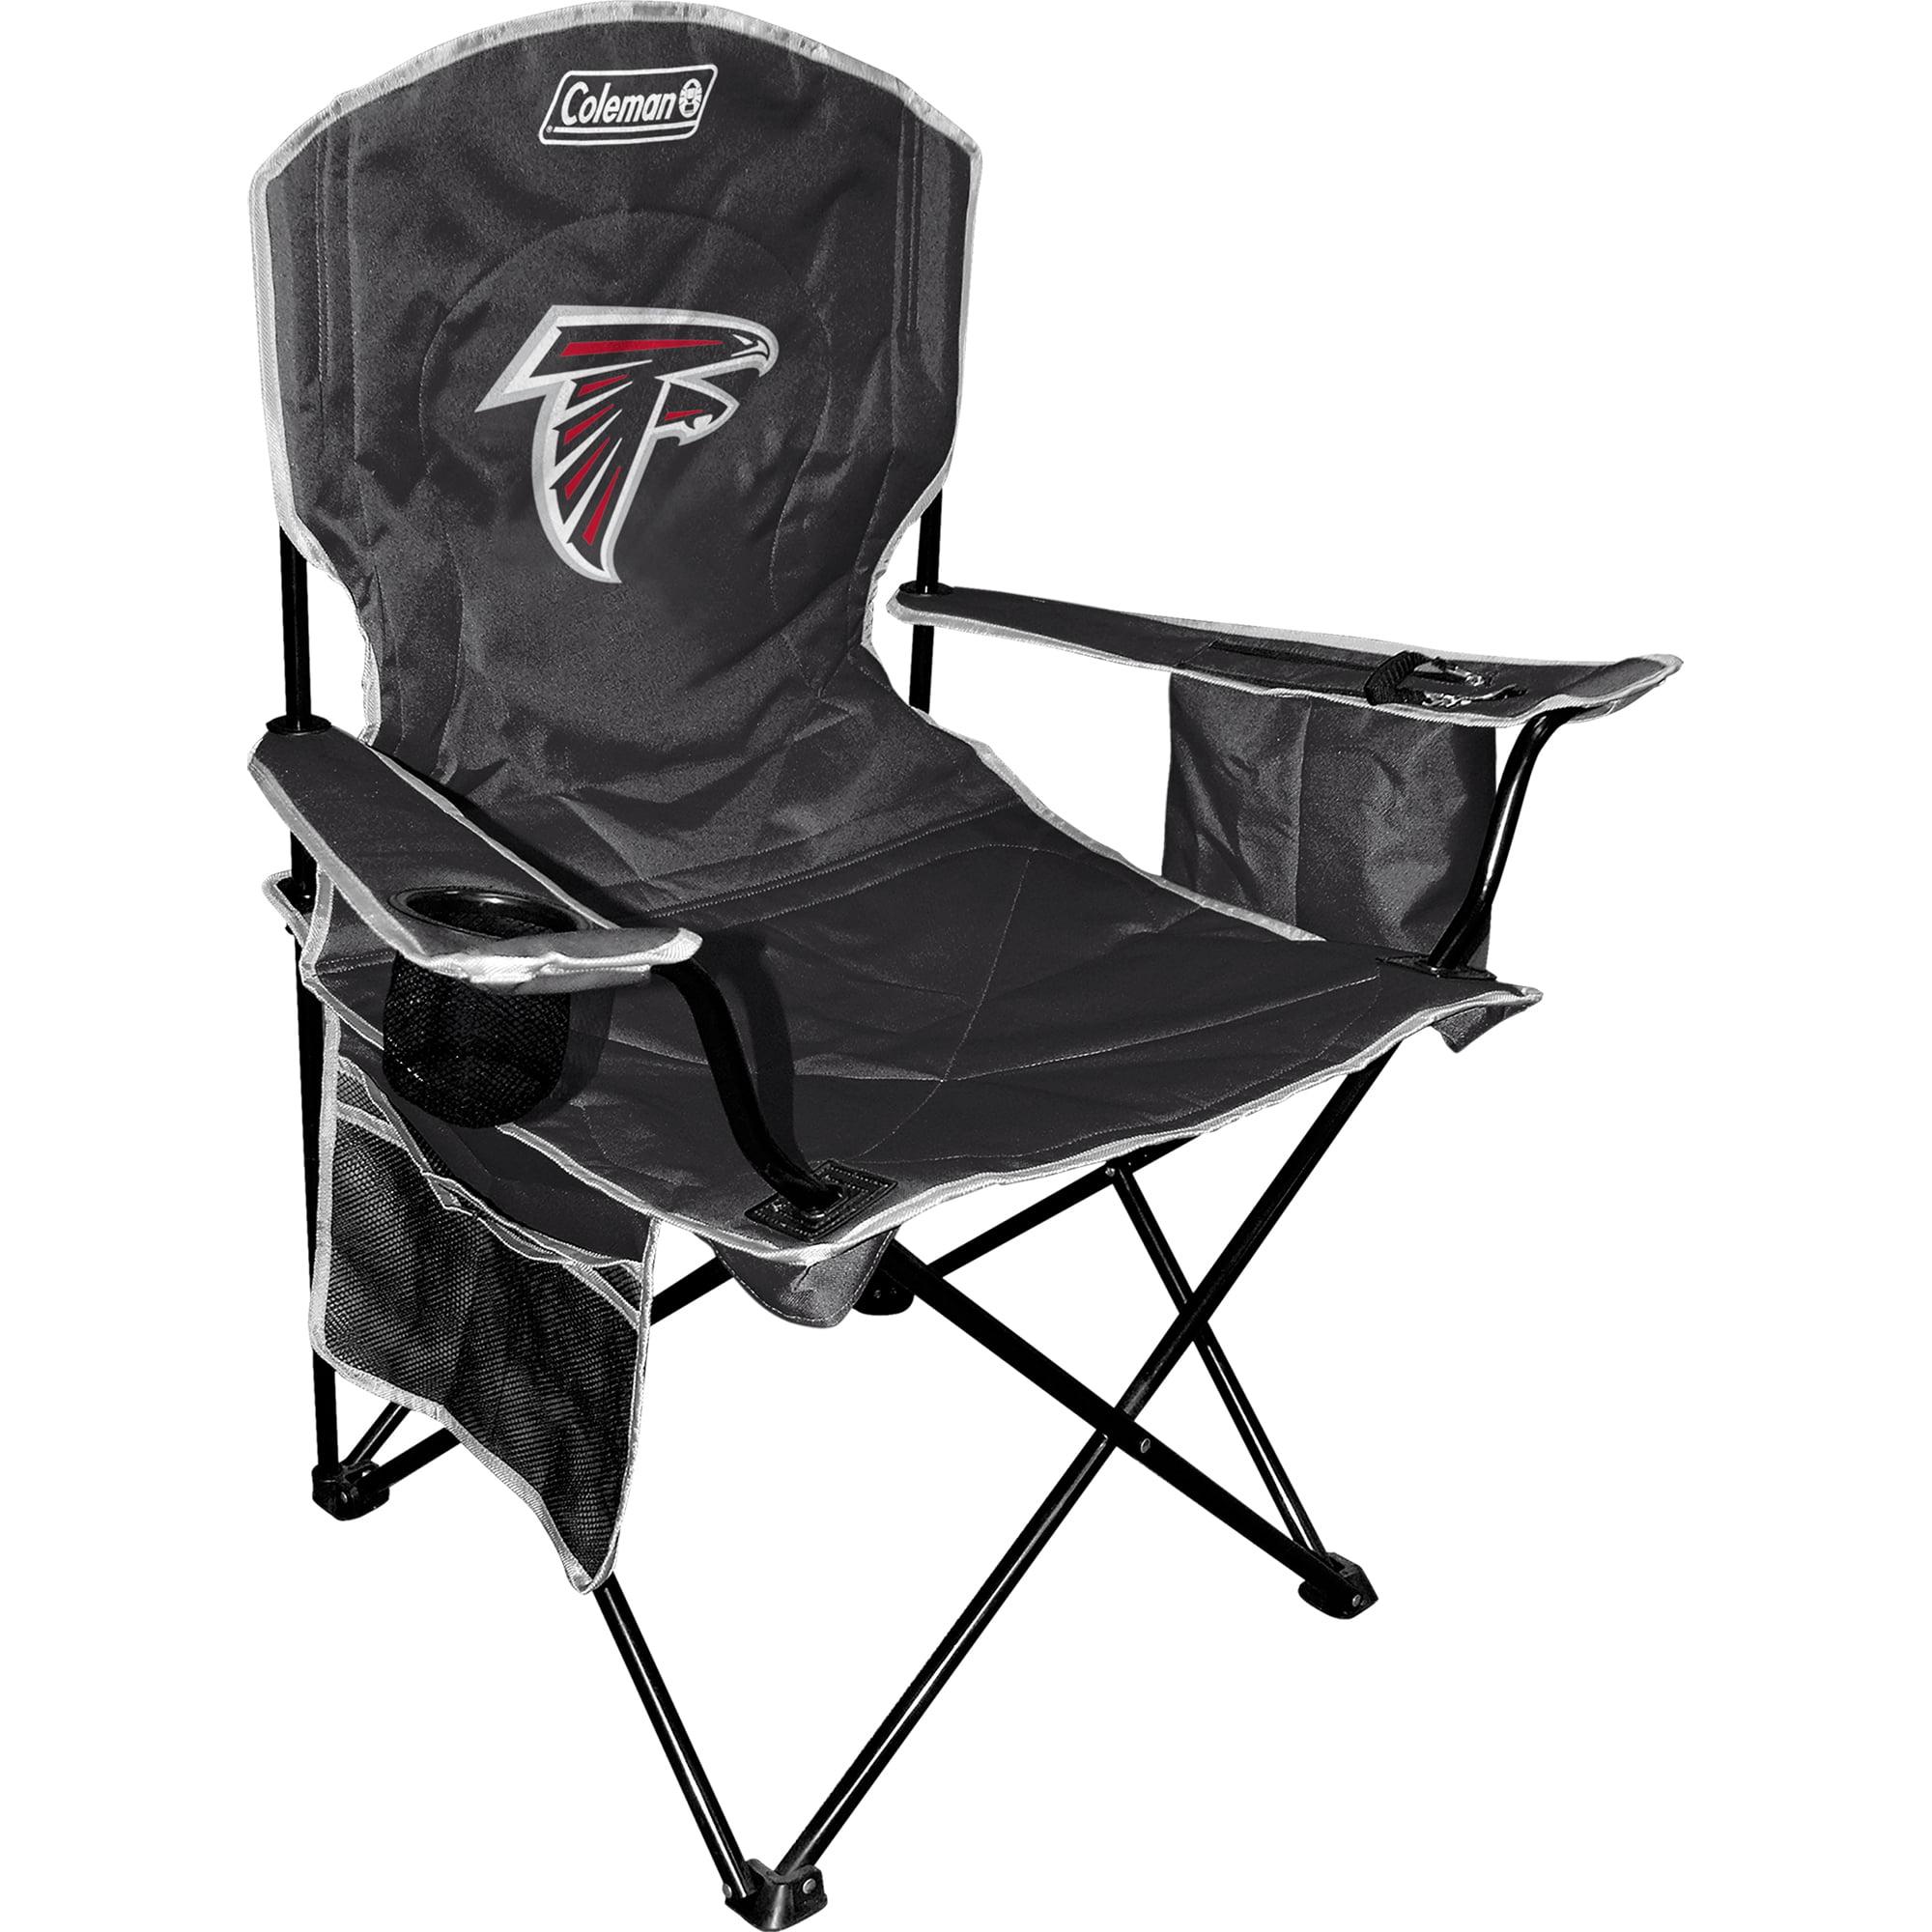 Atlanta Falcons Coleman Cooler Quad Chair - Black - No Size